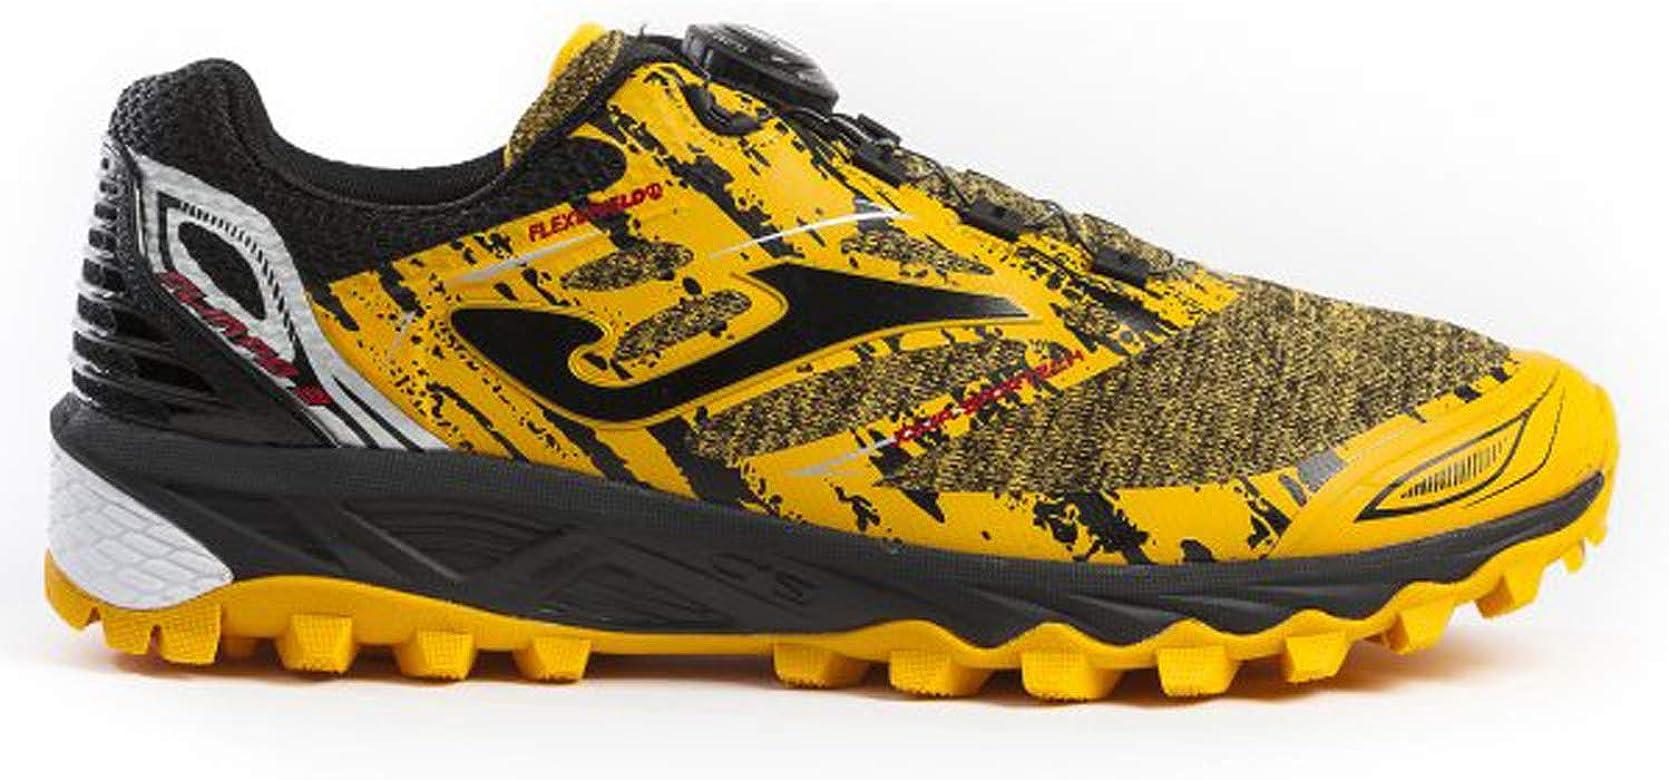 Joma TK_Olimpo 909 - Zapatillas de Trekking, Color Amarillo: Amazon.es: Zapatos y complementos